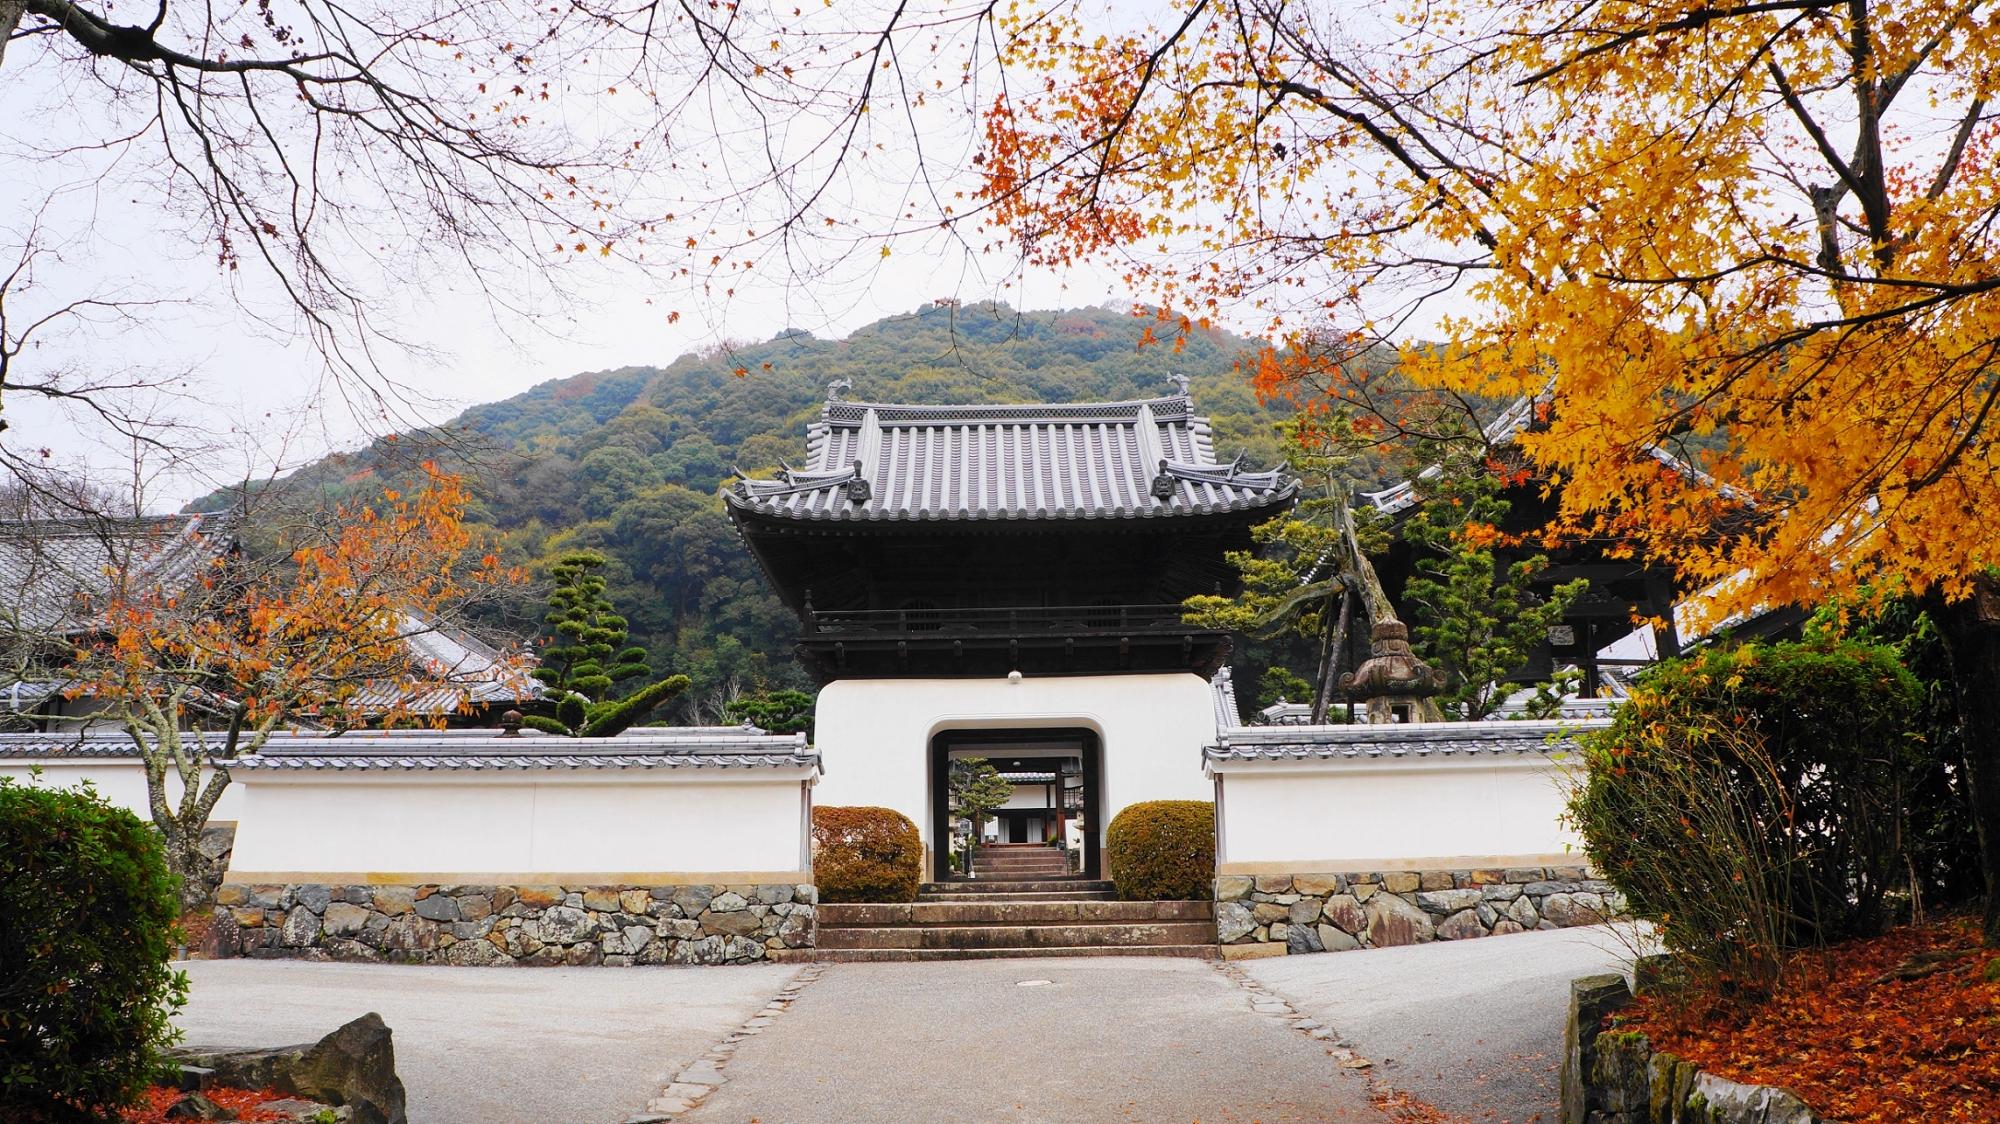 興聖寺の龍宮造りの独特の形の山門と紅葉